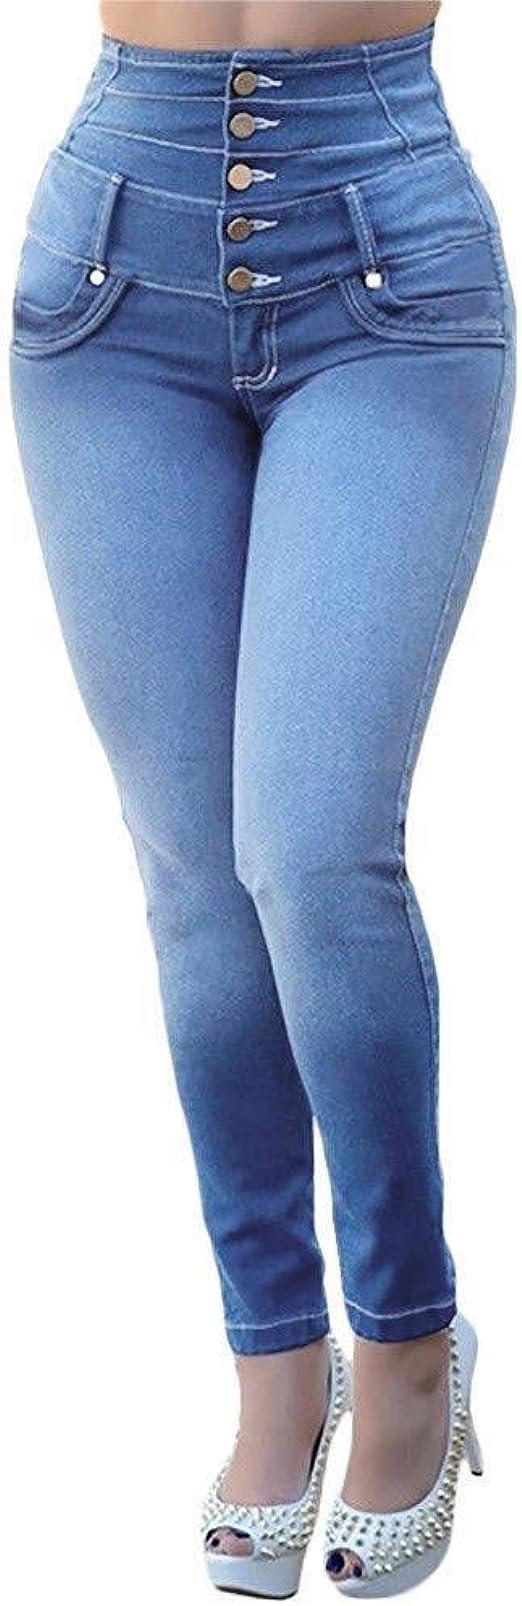 HX fashion パンツレディース大きいサイズハイウエストスキニージーンズロングエレガントストレッチカジュアルパンツ女の子デニムファッション